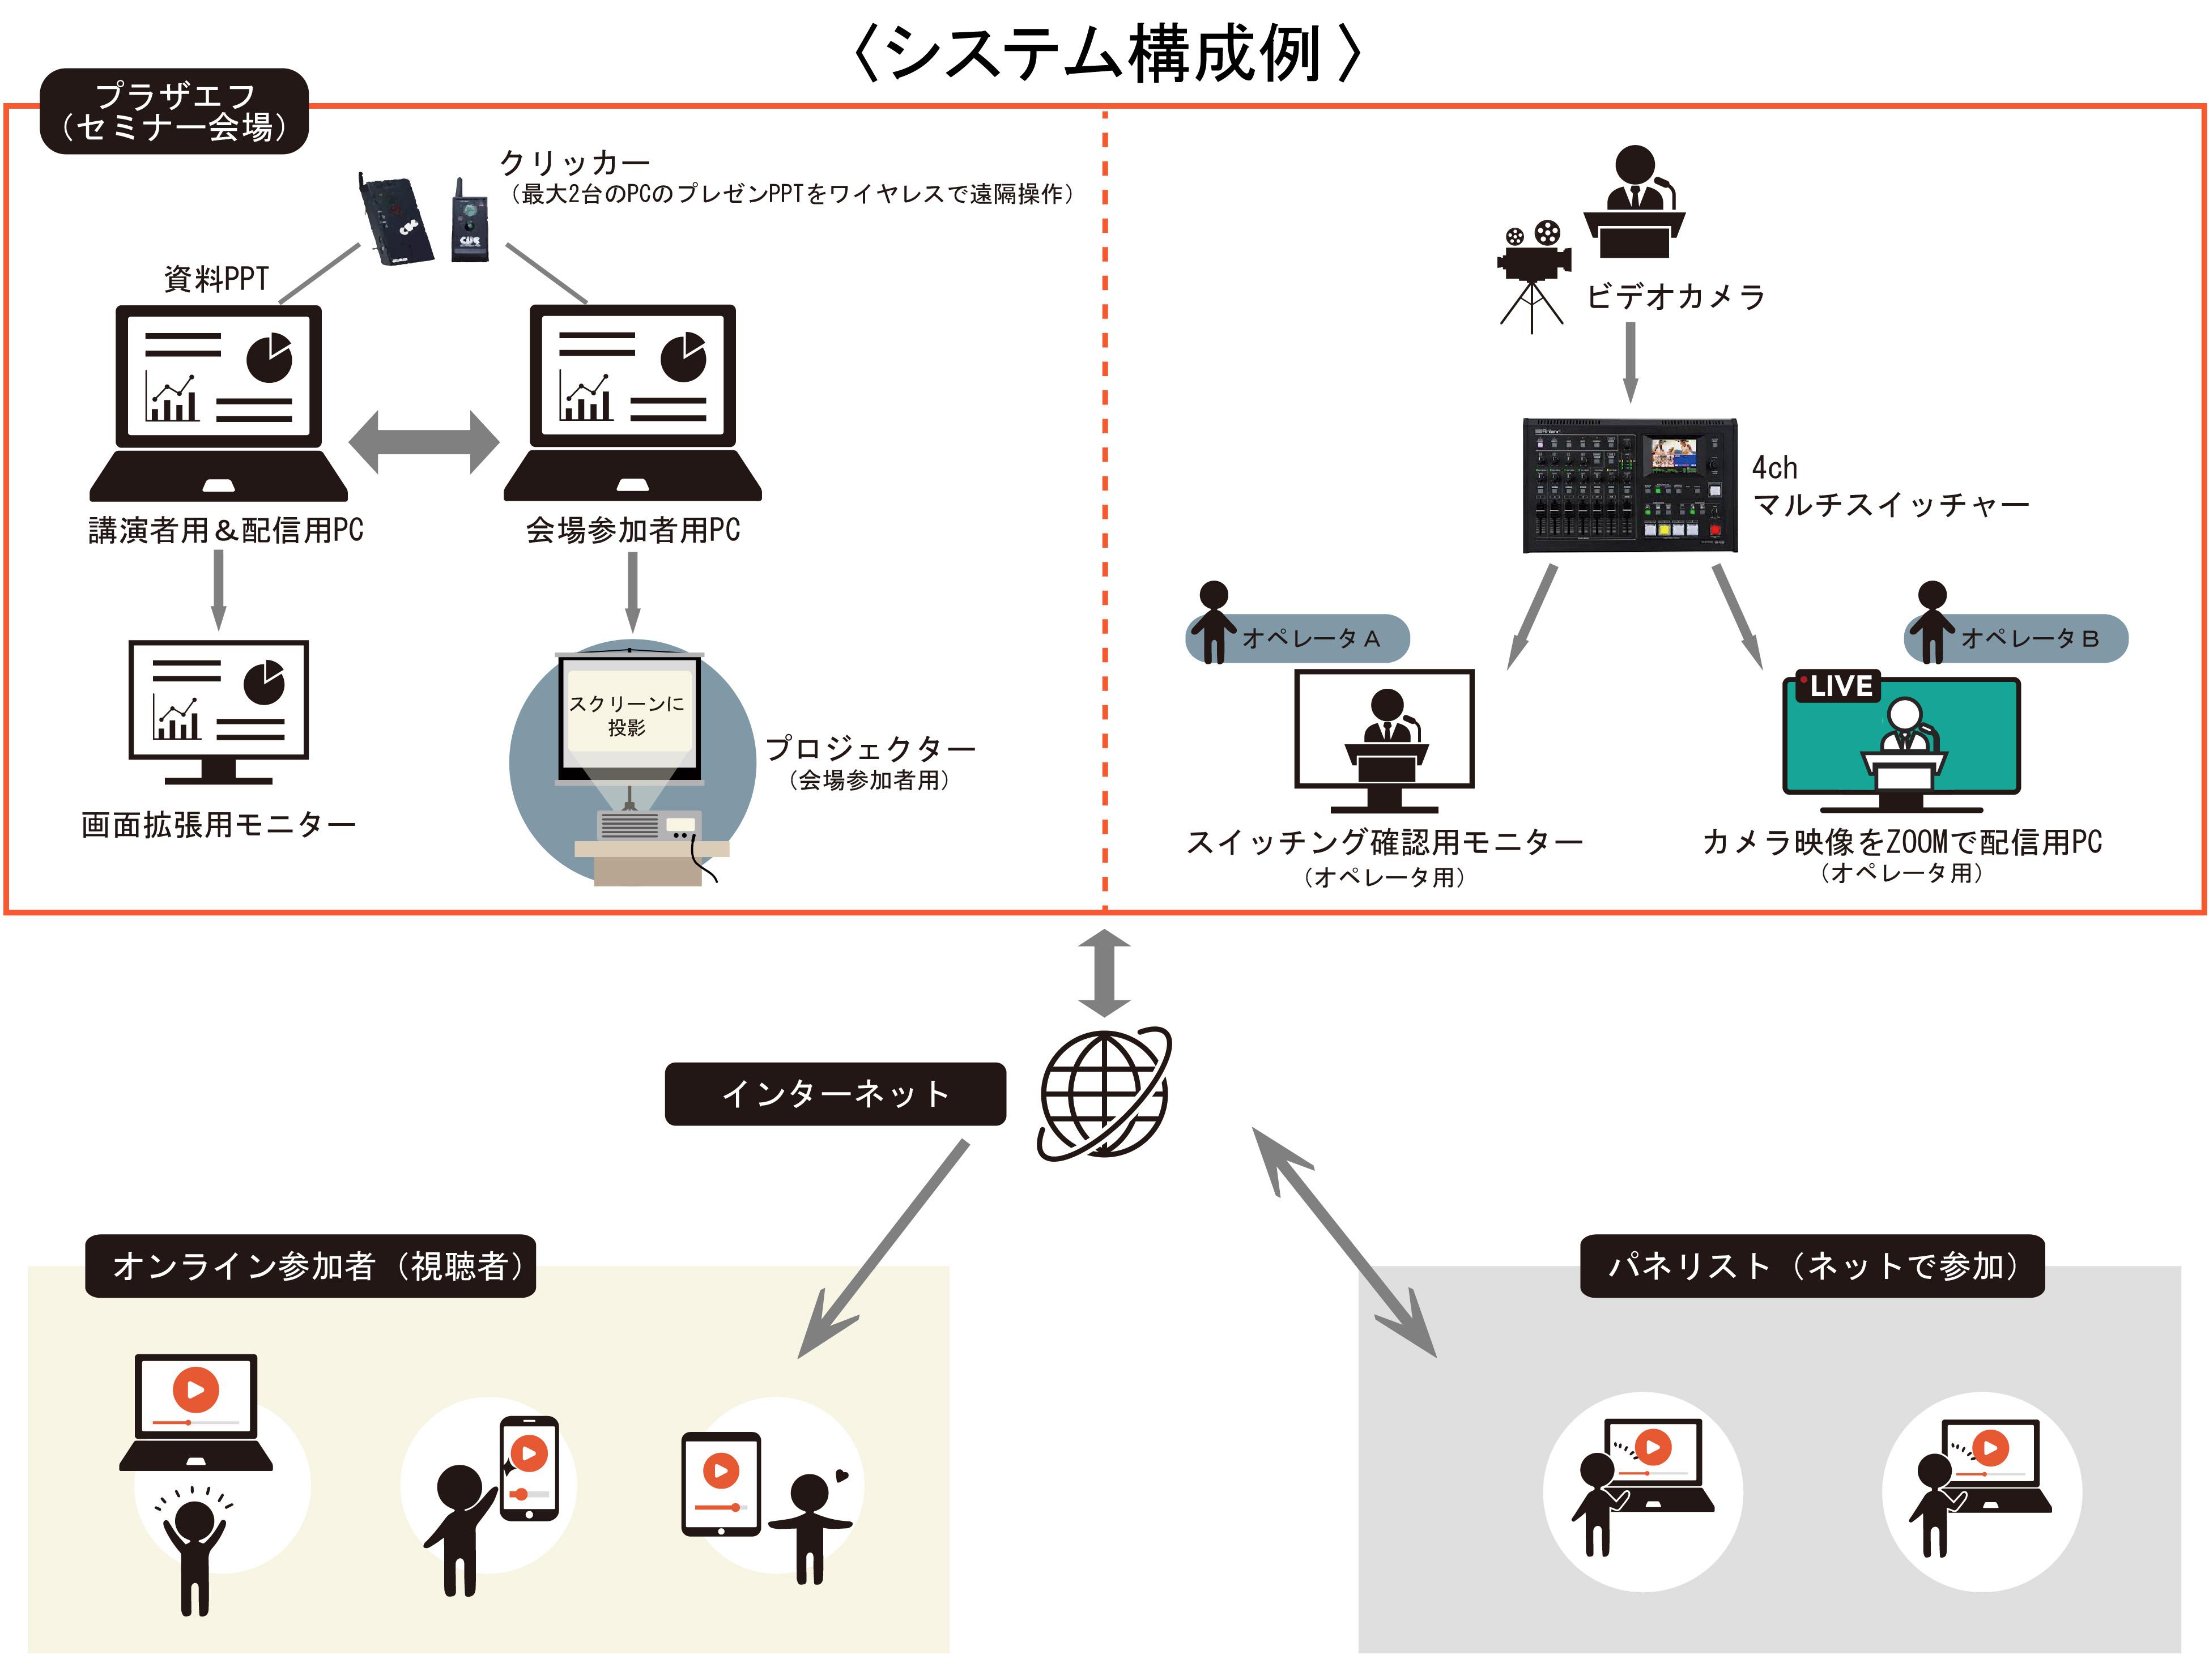 システム構成HP-01